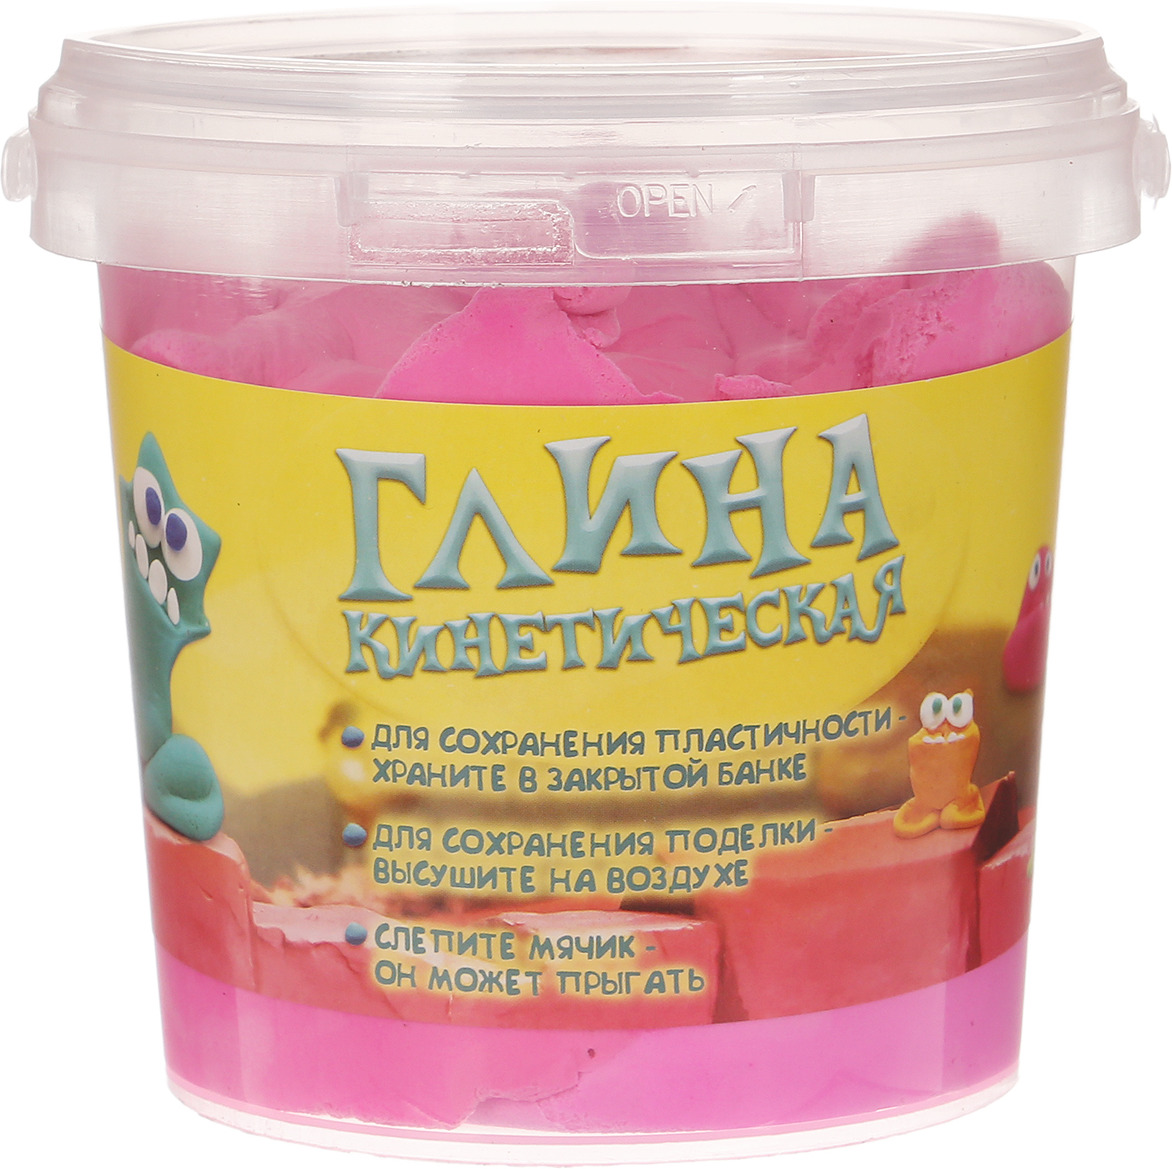 Масса для лепки 1TOY Кинетическая глина, Т11350а, розовый, 200 г кинетическая глина 1toy кинетическая глина синяя 230г т11356